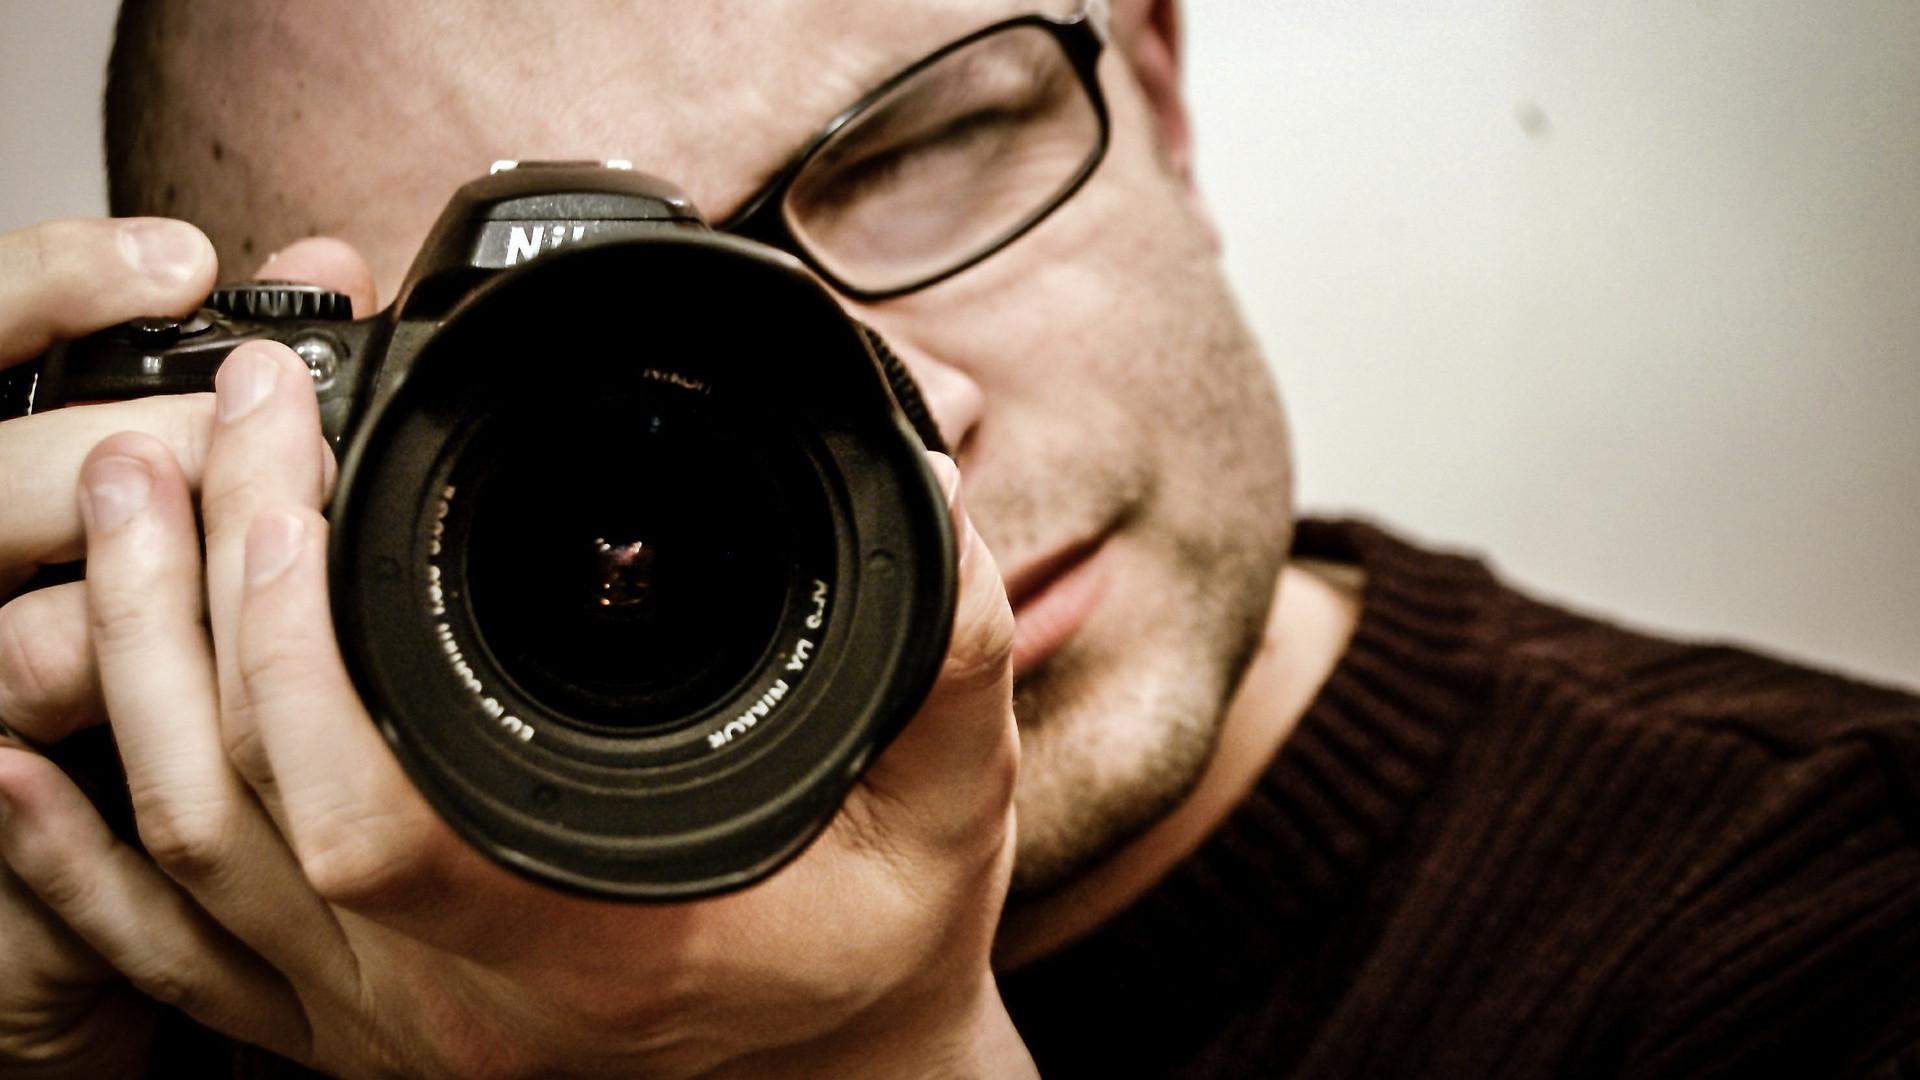 Matériels pour la photographie et consommables pour l'imprimante, pourquoi les acheter sur internet ?